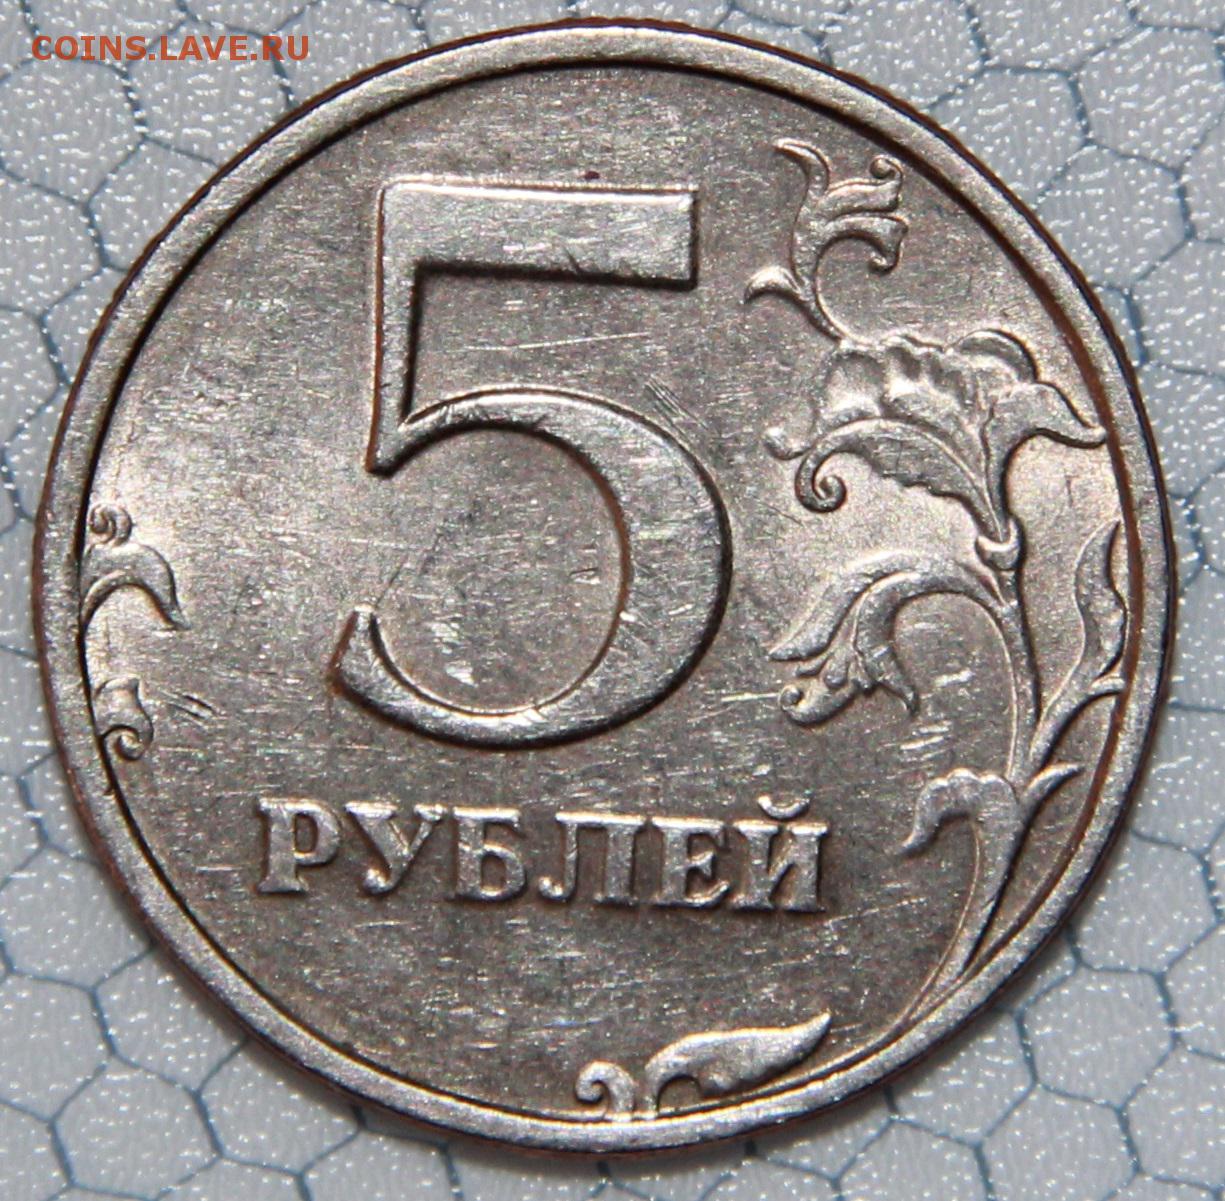 5 р 1998 подделка монеты петра 1